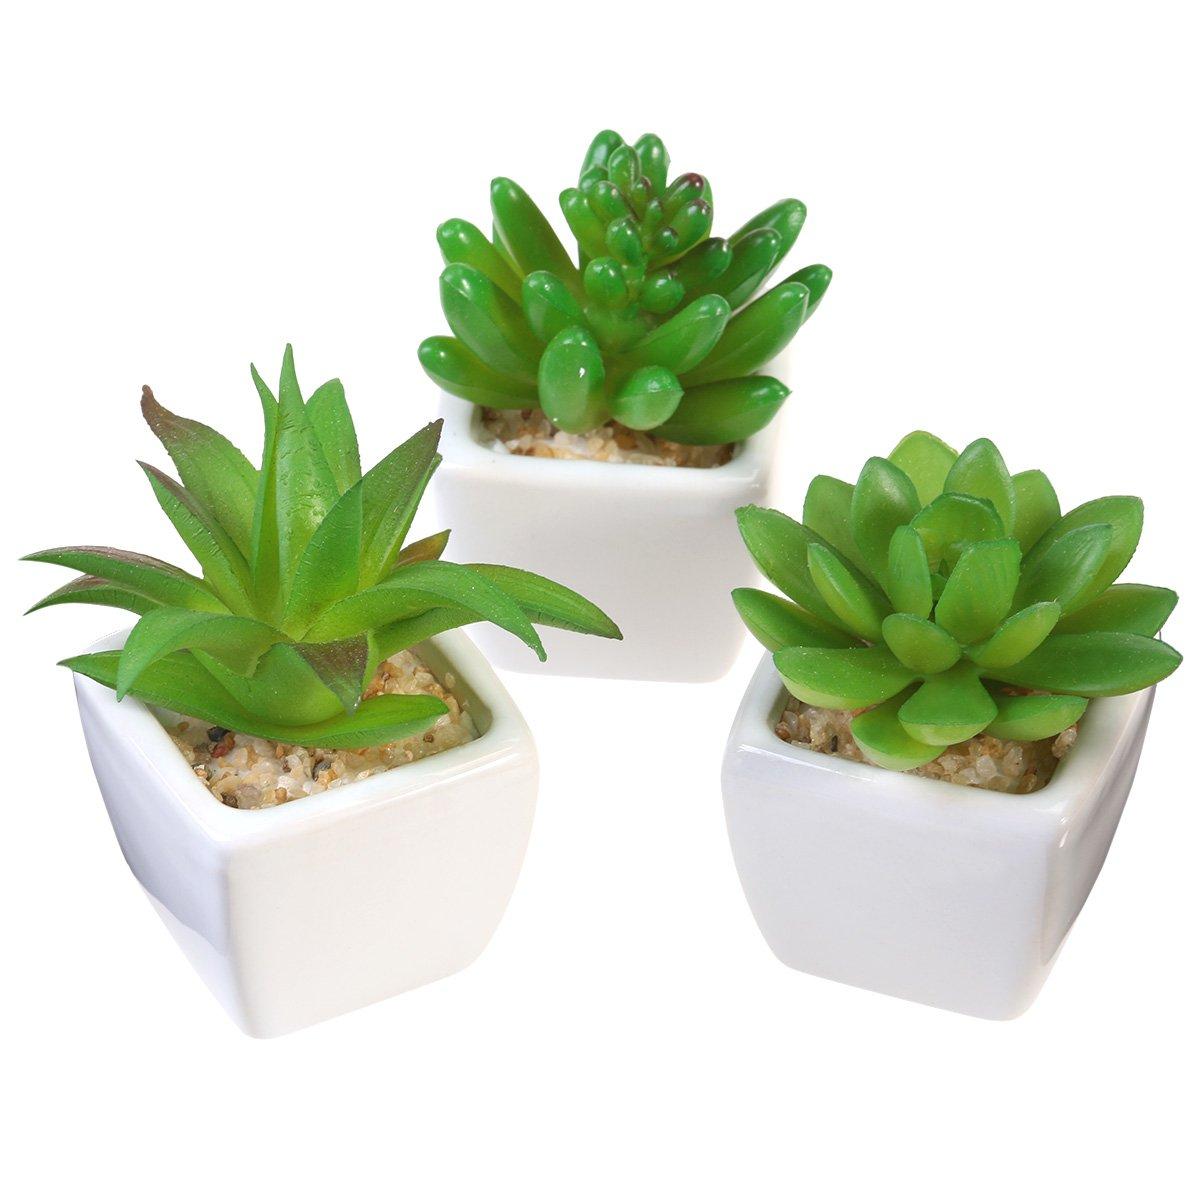 OUNONA 3pcs Mini Artificial Bonsai Succulent Plants with White Ceramic Planter Pots